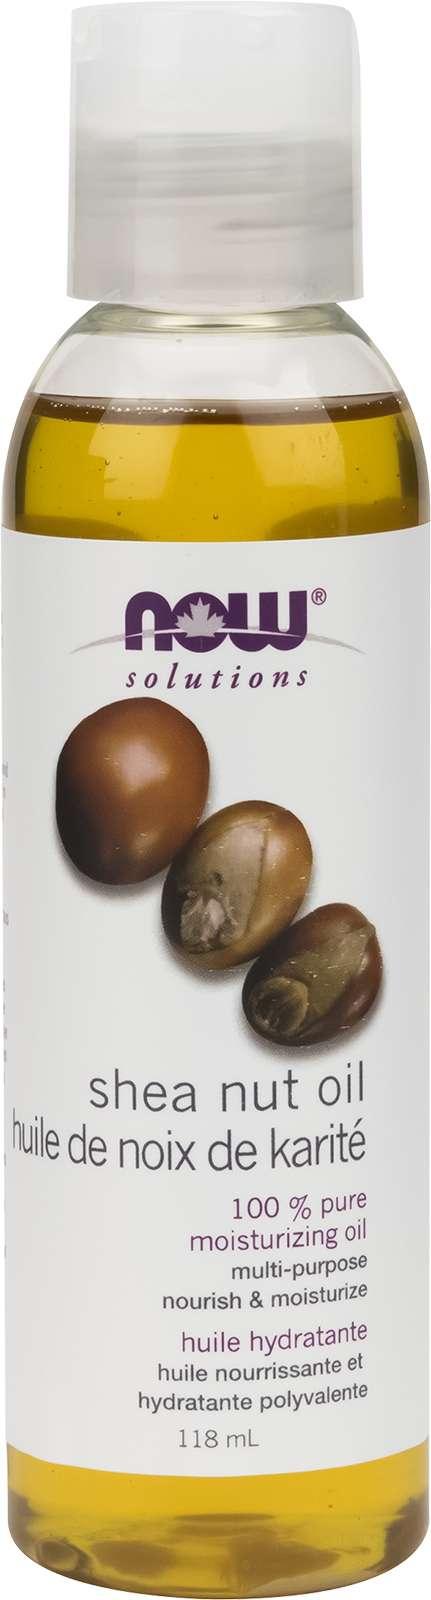 Shea Nut Oil Liquid, Pure 118mL